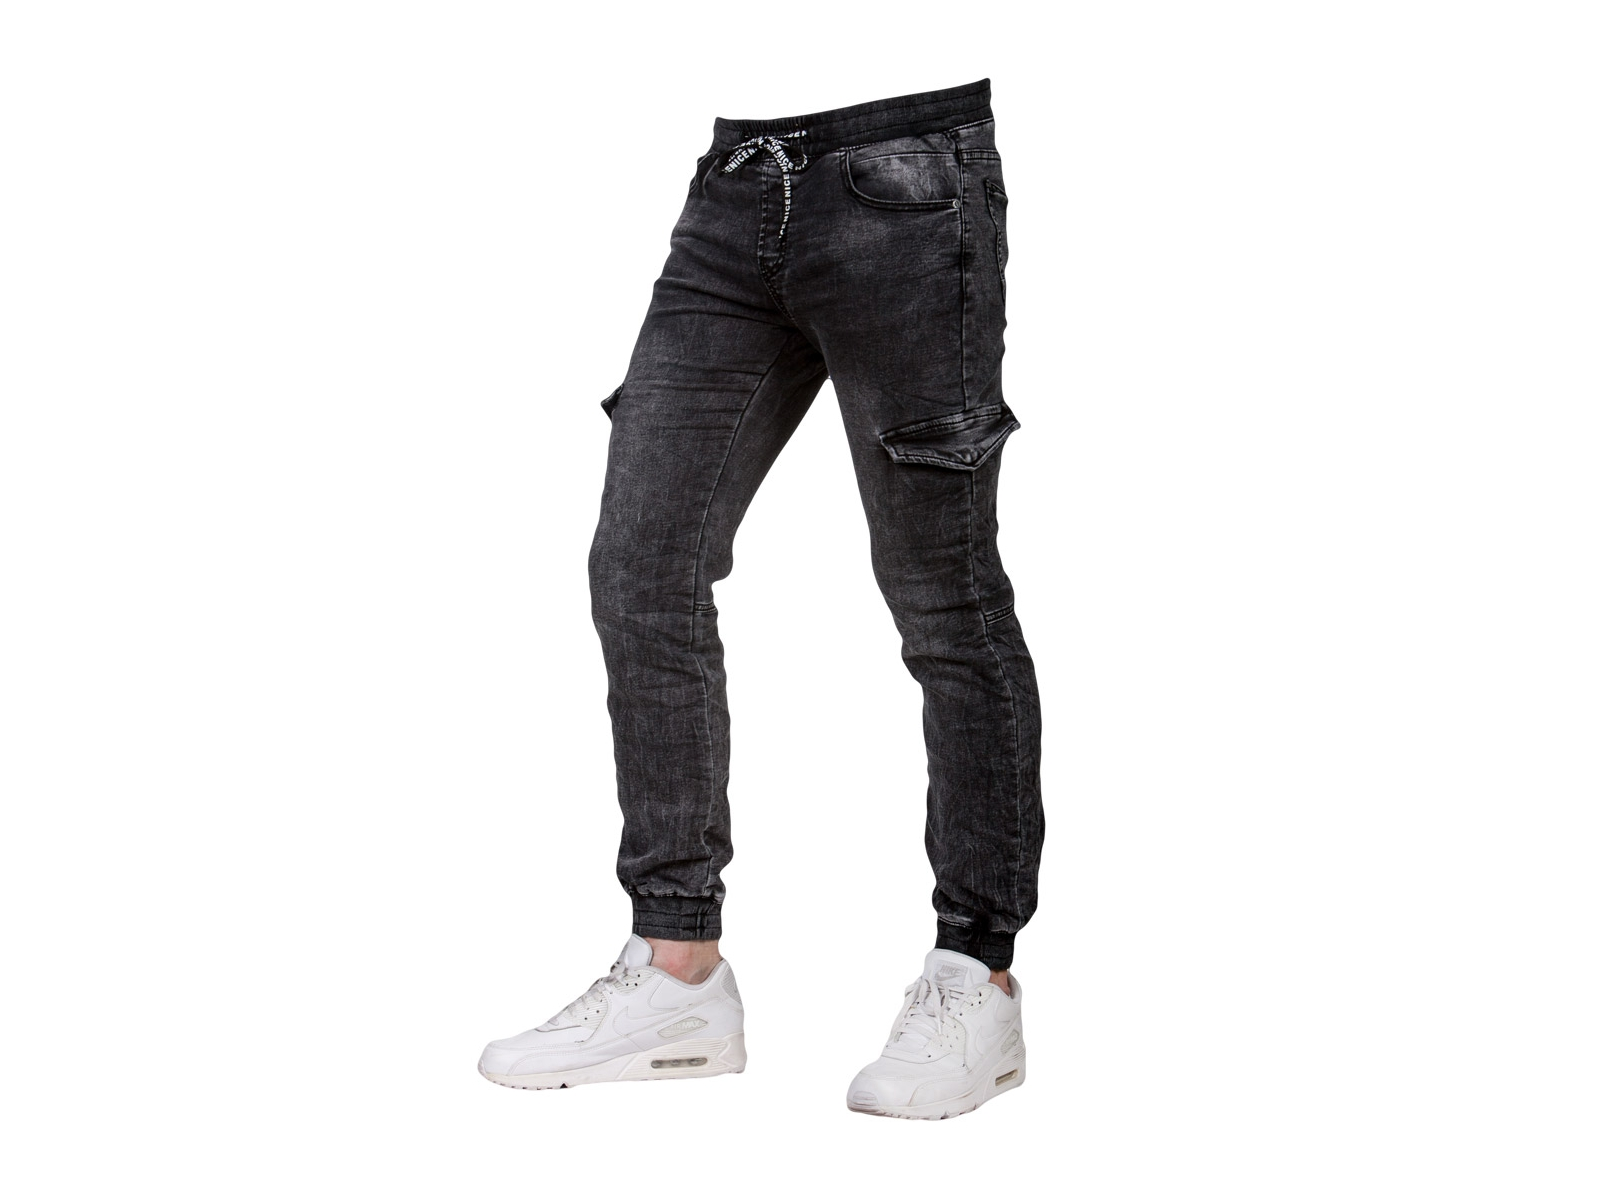 Spodnie joggery grafit 2 KA9875 fashionmen2 r. 35 - 7254459771 ... 671a214b55